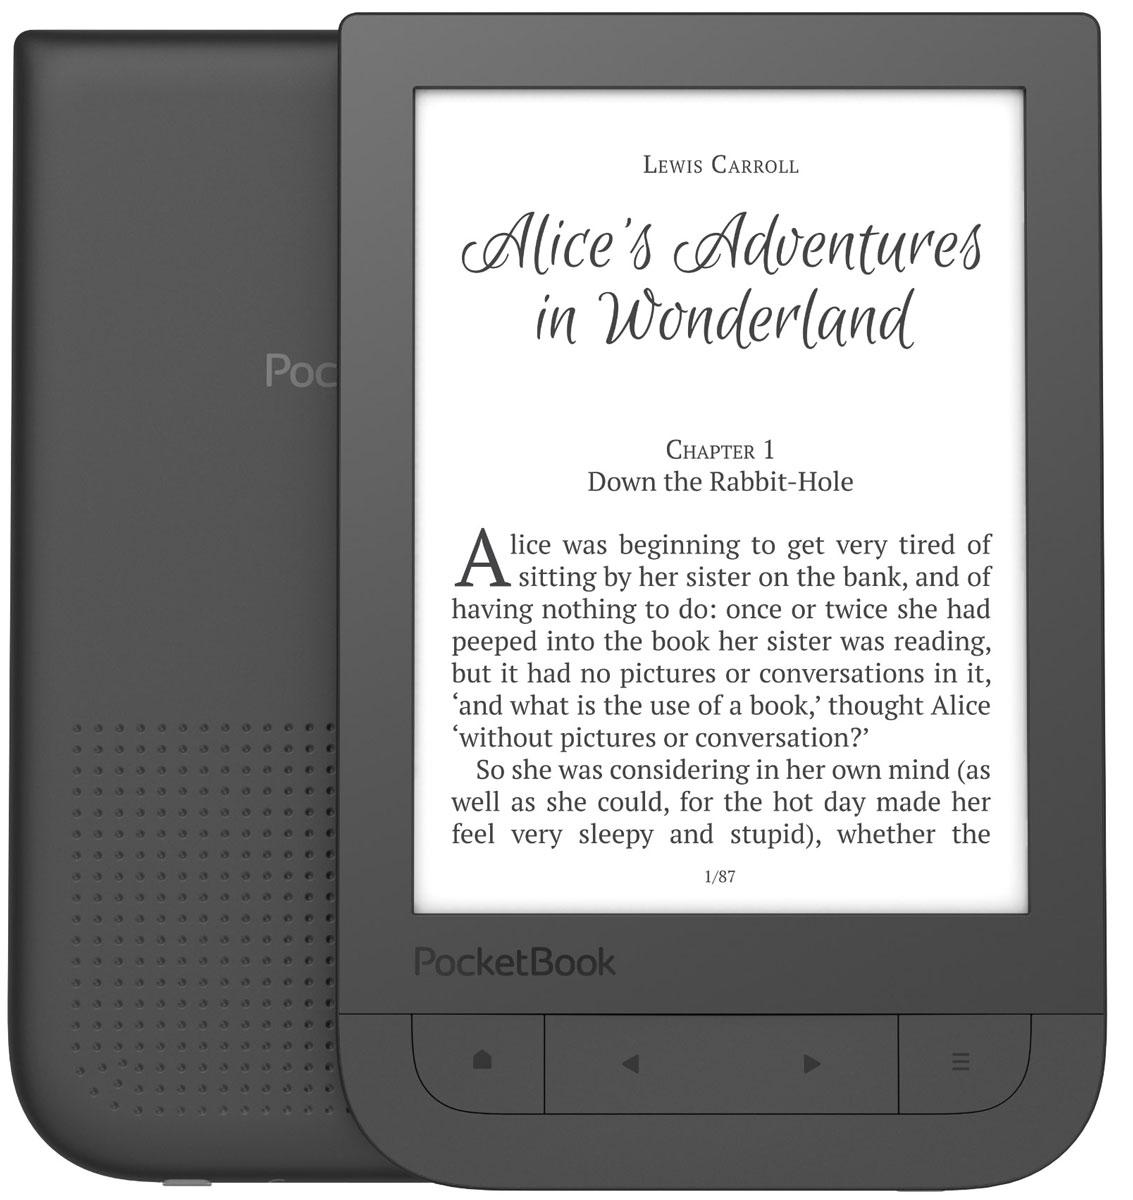 PocketBook 631 Touch HD электронная книгаPB631-E-RUPocketBook 631 Touch HD выполнен в лучших традициях PocketBook, обладает инфракрасным мультисенсорным экраном, светодиодной подсветкой, встроенным Wi-Fi модулем, 8 ГБ встроенной памяти, производительным процессором с тактовой частотой 1 ГГц и 512 МБ оперативной памяти. Инфракрасный экран E Ink Carta с HD разрешением (1072х1448) и 300 DPI, гарантирует высокую контрастность, четкость изображения и баланс между белым и черным цветами электронной страницы.Ридер станет приятным сюрпризом для тех, кто любит читать и слушать музыку одновременно. PocketBook 631 Touch HD получил все необходимые функции для воспроизведения аудио-файлов - поддерживает формат mp3, имеет стандартный 3,5 мм аудио-разъем. Те же функции дают возможность слушать аудио-книги в формате mp3. Благодаря функции Text-to-speech, которая преобразует текст в устную речь, ридер может читать вслух книгу или документ в любом из 18 текстовых форматов, поддерживаемых устройством.Пользователь PocketBook 631 Touch HD свободен выбирать электронный контент в любом формате - устройство поддерживает без конвертации 18 распространенных книжных и 4 графических формата (JPEG, BMP, PNG, TIFF). Предустановленные словари будут незаменимы при чтении иностранных книг. Встроенный беспроводной Wi-Fi модуль и сервисы Dropbox, Книги по e-mail и PocketBook Sync, позволят быстро и легко загрузить любой контент на устройство без подключения к ПК.Для хранения цифровой библиотеки и аудио-коллекция новый электронный ридер оснащен 8 ГБ встроенной памяти и слотом для MicroSD карт (до 32 ГБ). Эффективный процессор с частотой 1 ГГц и 512 МБ оперативной памяти обеспечивают быстрый отклик любого приложения и плавное перелистывание страниц. Компактный и легкий PocketBook 631 Touch HD с габаритами 113,5 x 175 x 9 мм, весит всего 180 грамм.Ридер выполнен в элегантном дизайне, задняя панель с soft-touch покрытием имеет область с перфорированными точками для еще более удобного удерживания, и прият